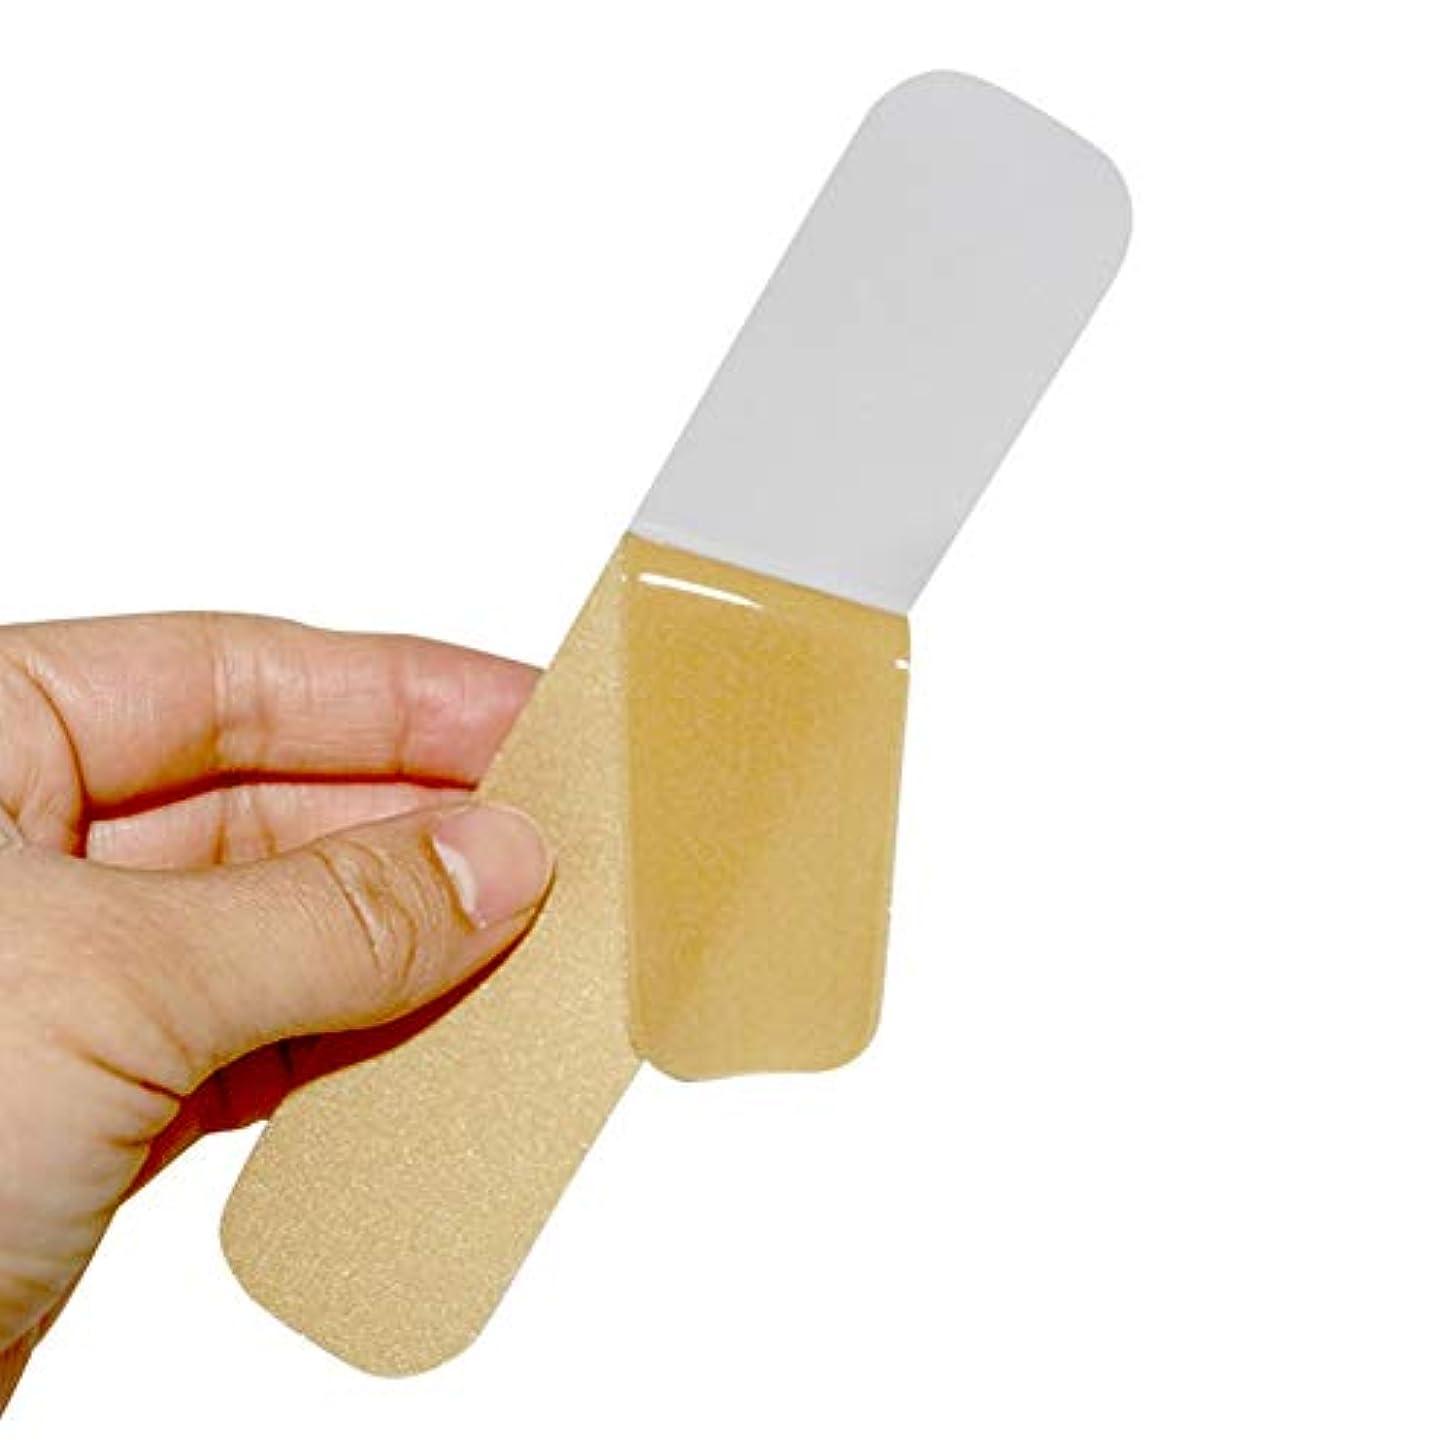 一族正気ジャングルDkhsyシリコンゲル傷跡シートゲルパッチシリコンゲルパッチ再利用可能なシリコンゲルパッチ傷跡除去ヒーリングシート皮膚修復シーティング